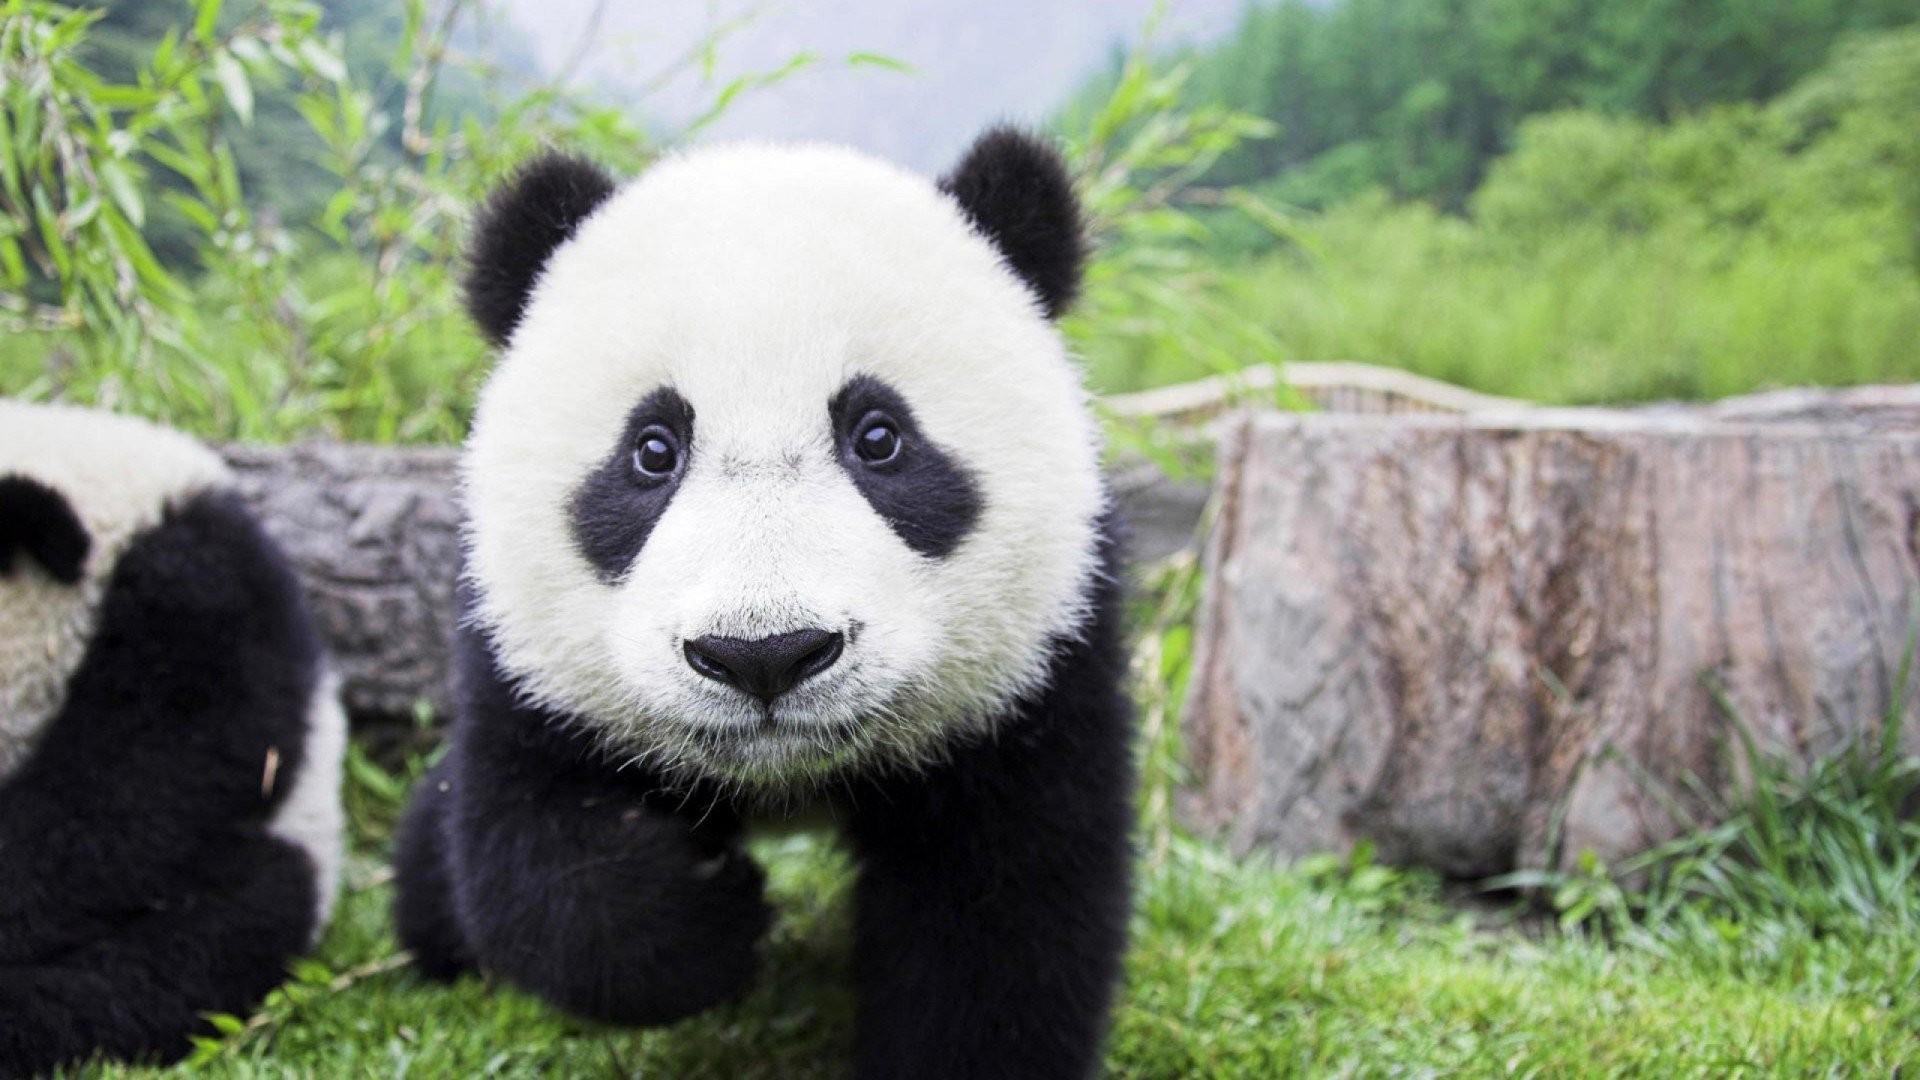 Res: 1920x1080, Cute Baby Panda Wallpaper